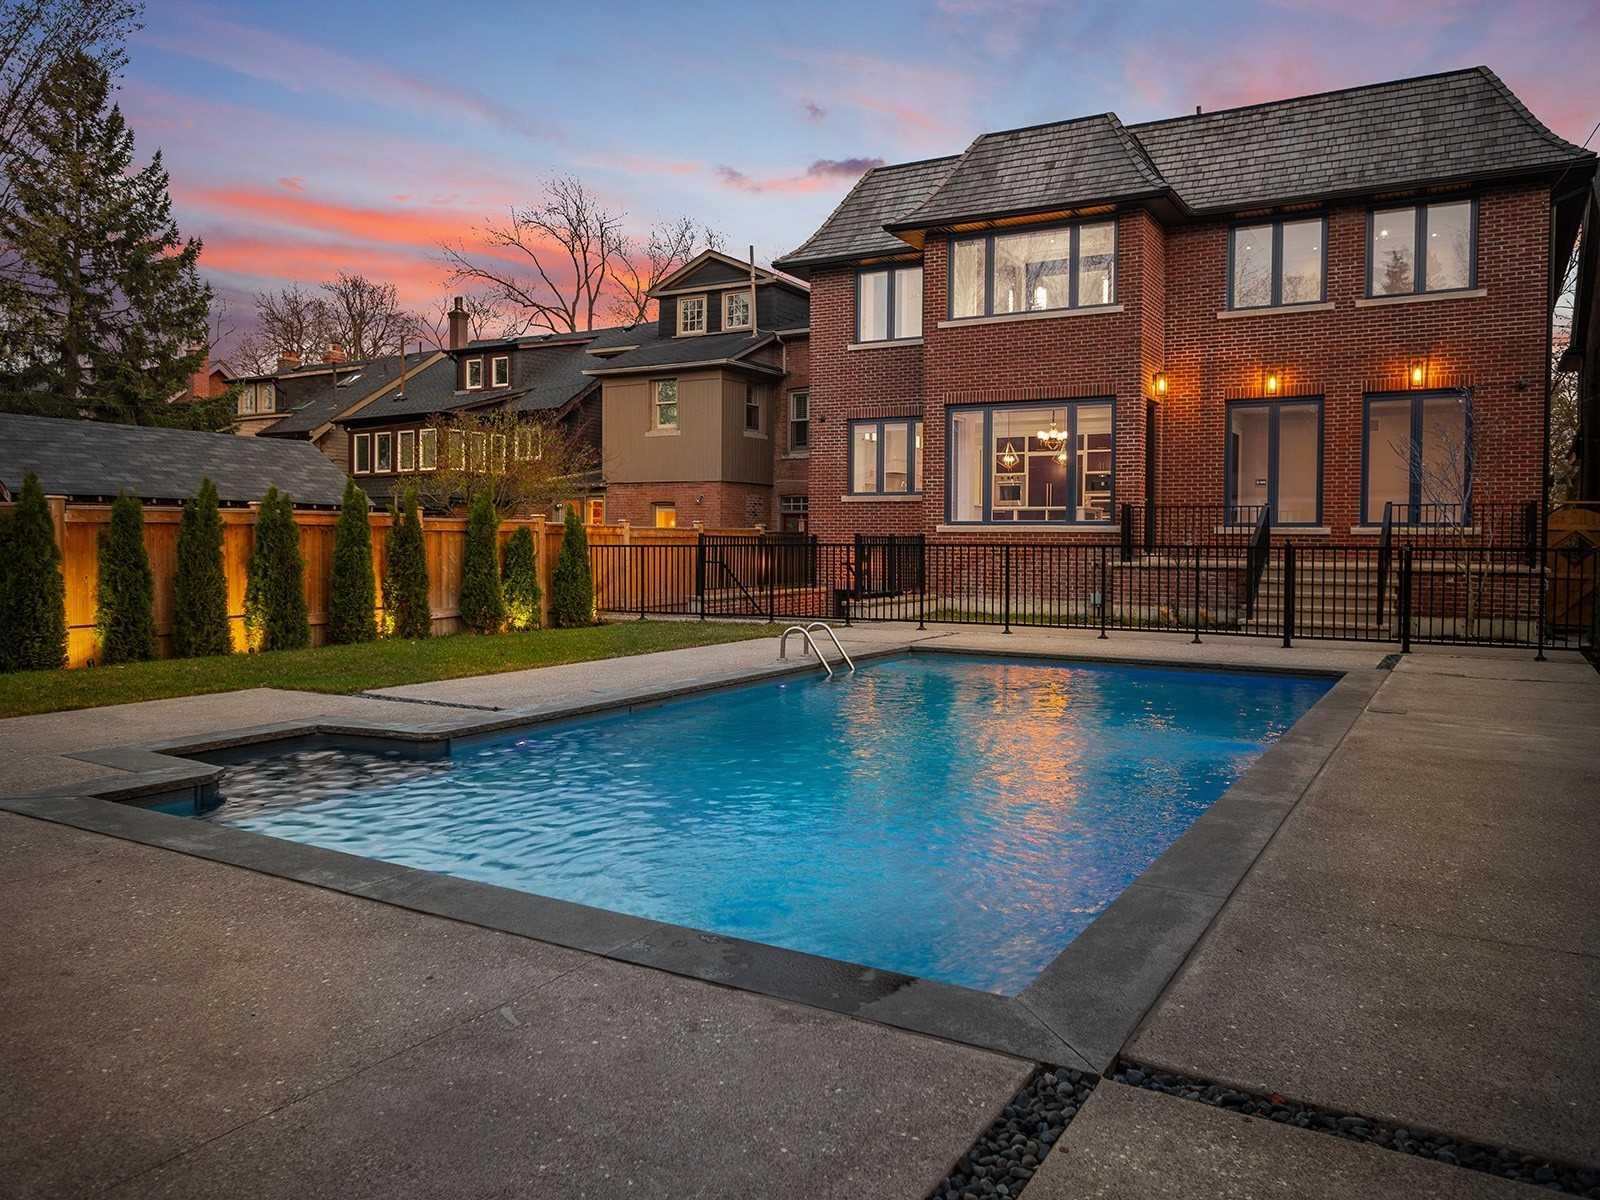 84 Glencairn Ave, Toronto, Ontario M4R1M8, 4 Bedrooms Bedrooms, 10 Rooms Rooms,7 BathroomsBathrooms,Detached,For Sale,Glencairn,C5184262